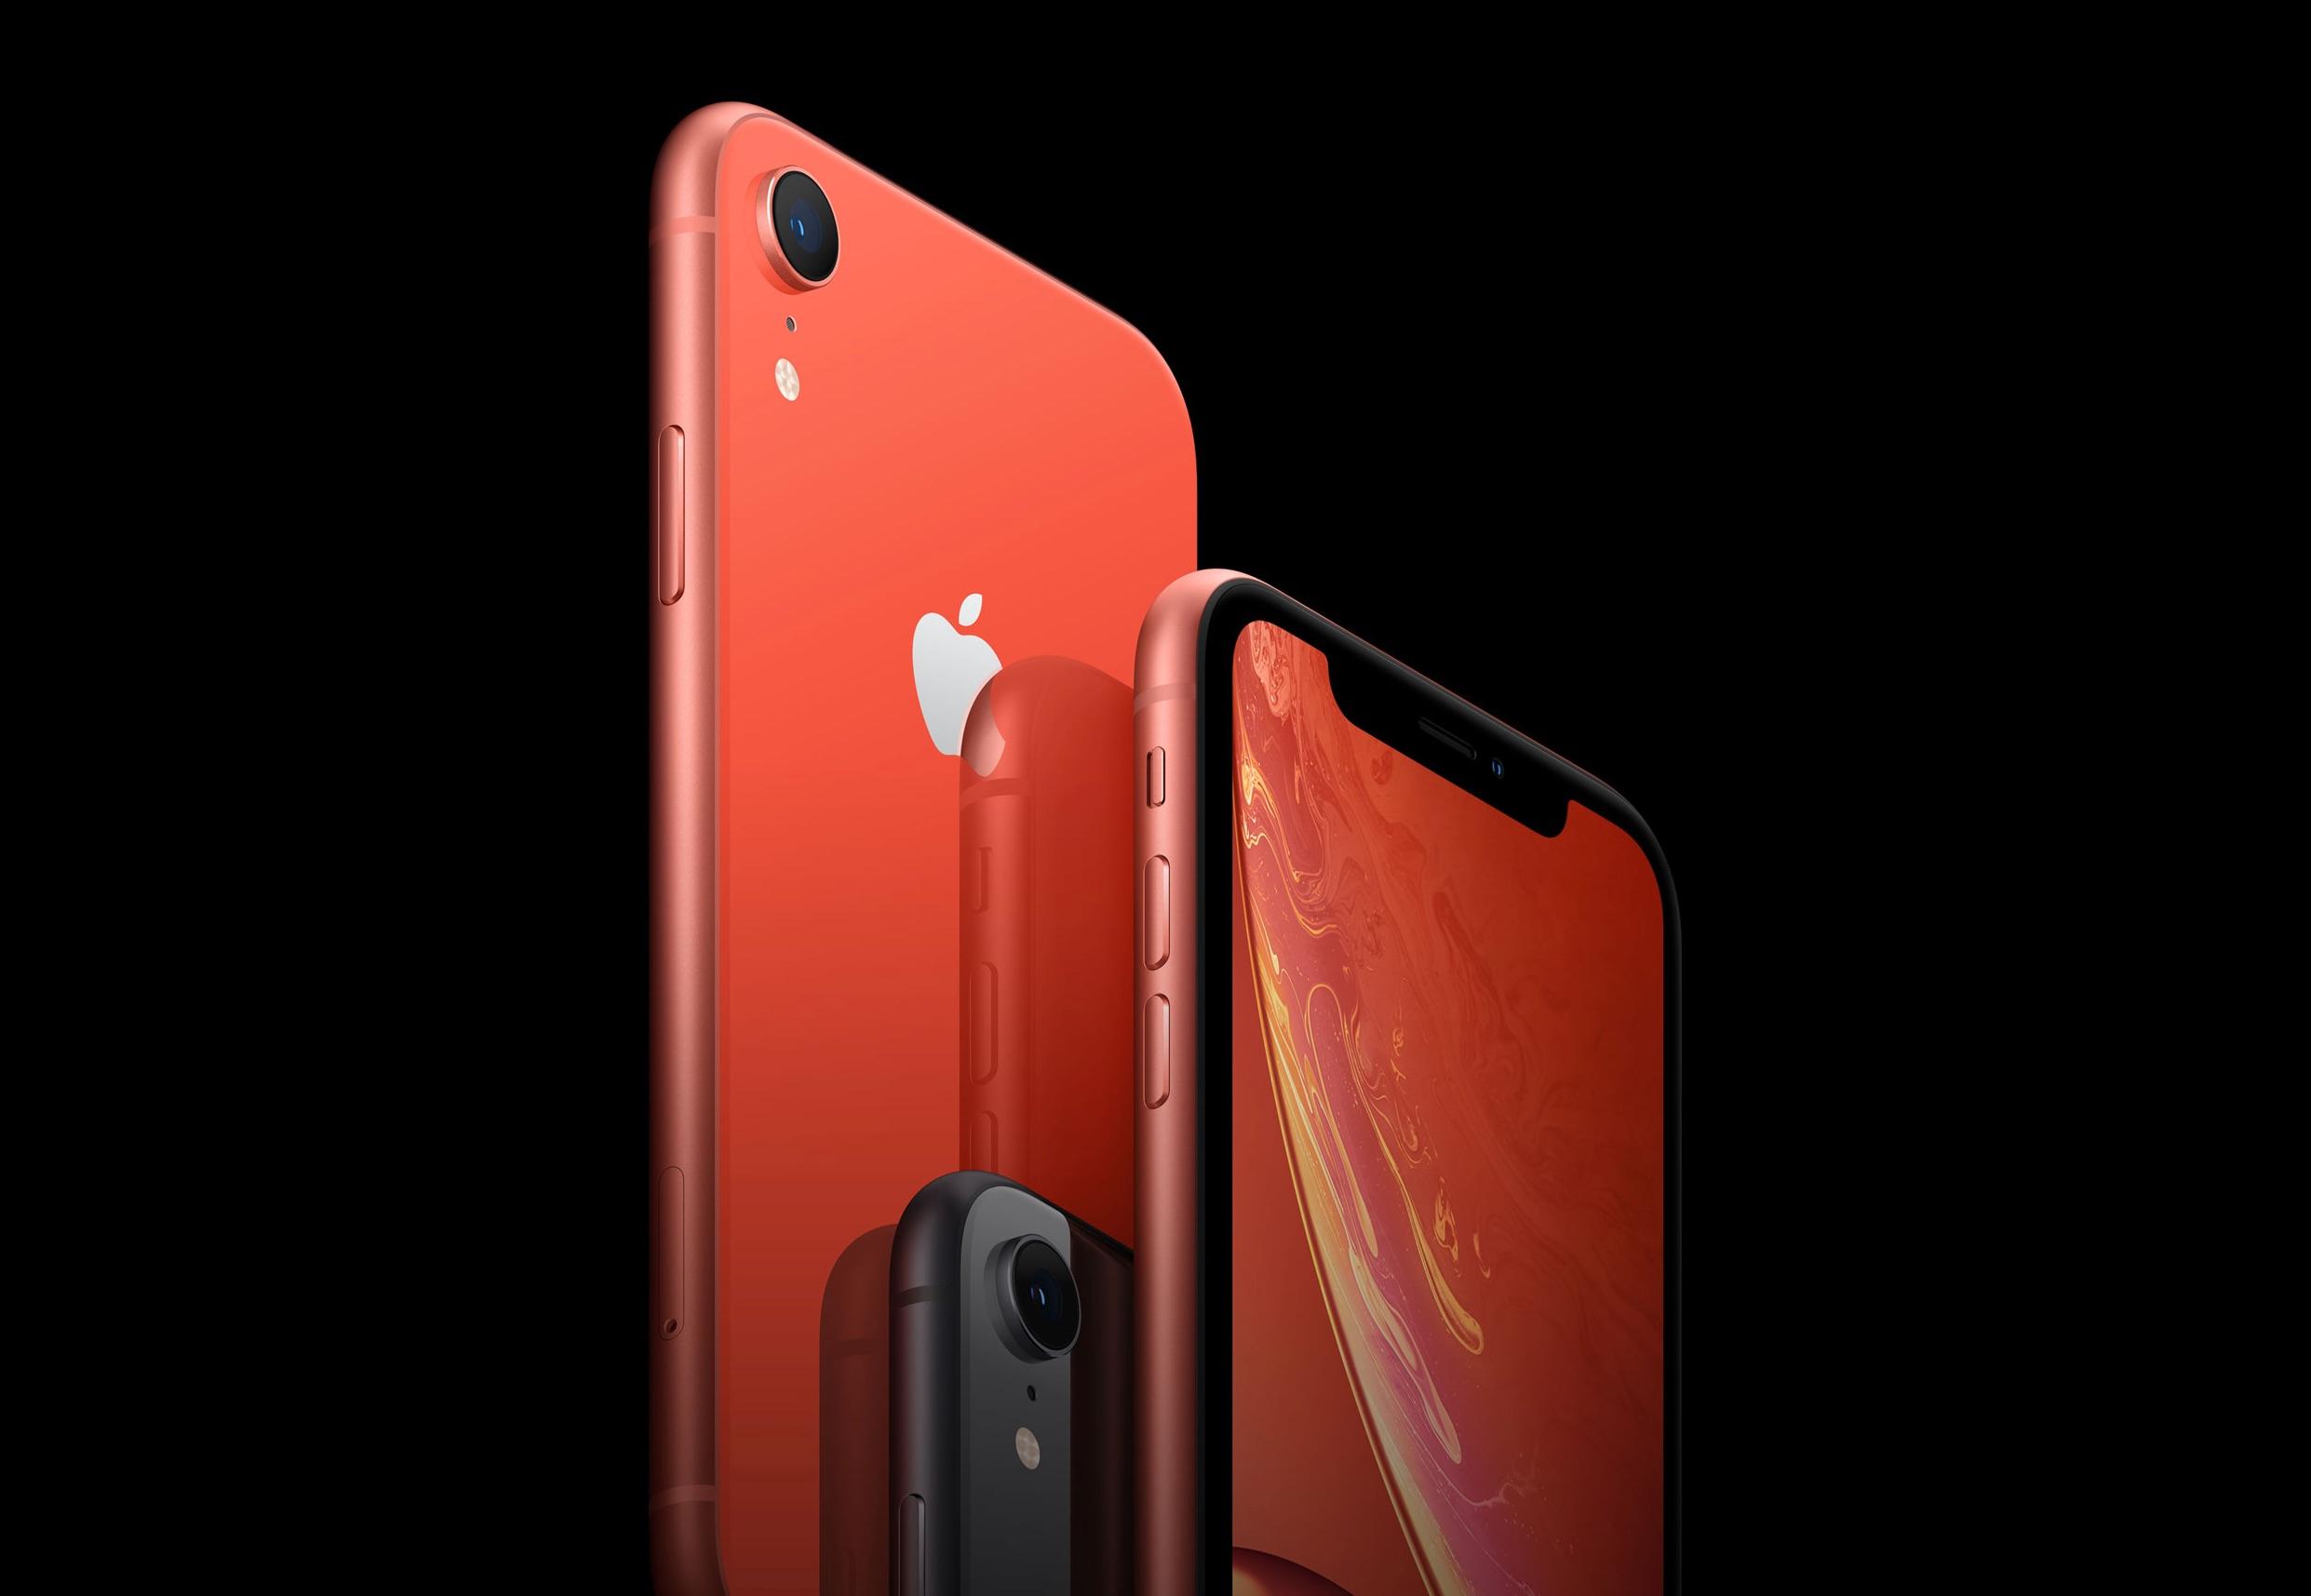 ドコモ版「iPhone XR」、発売日分の在庫は極小かも!?